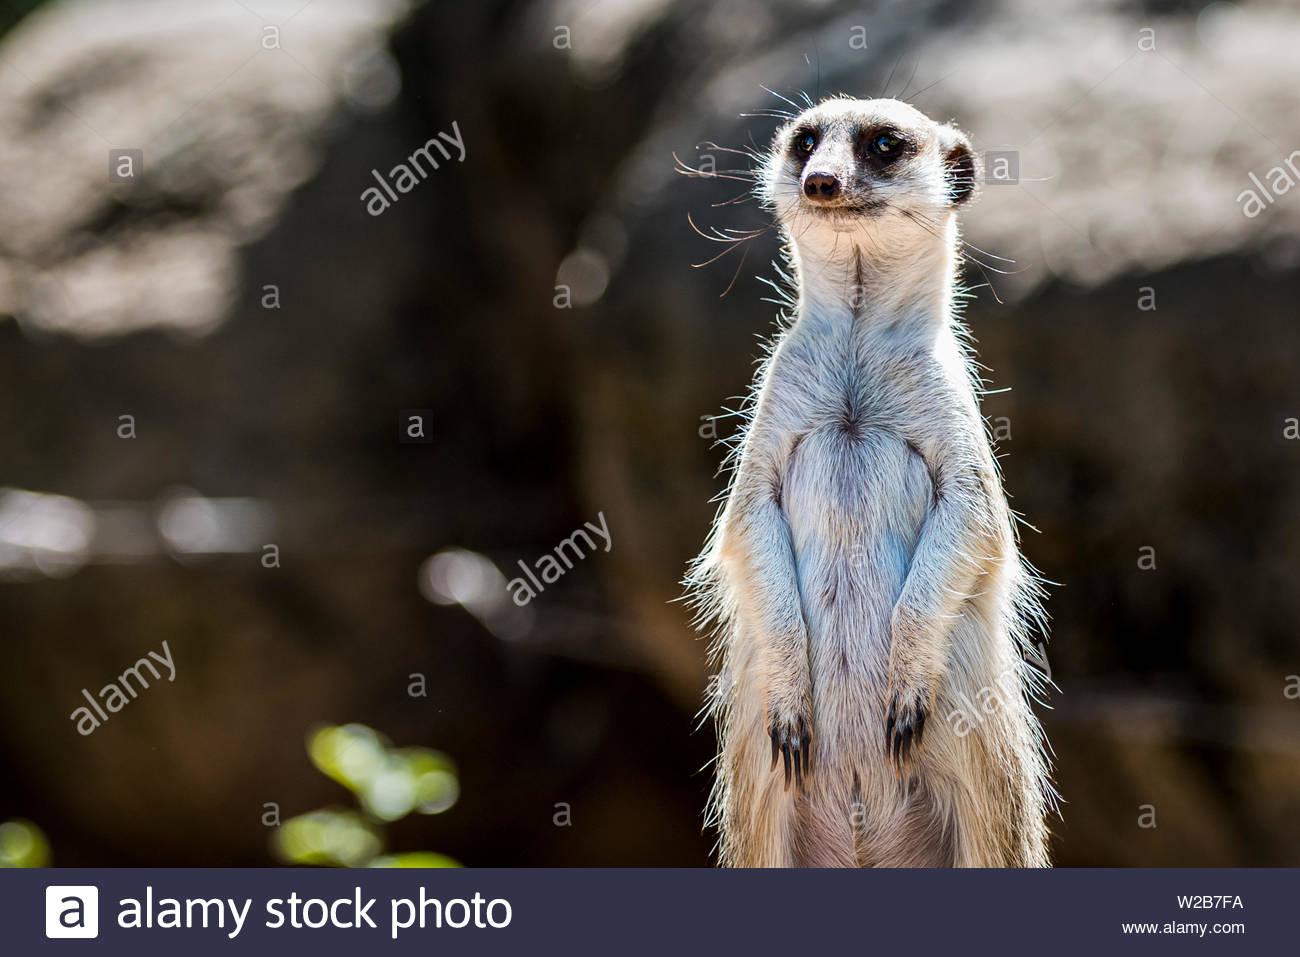 Meerkat standing up and looking around. - Stock Image